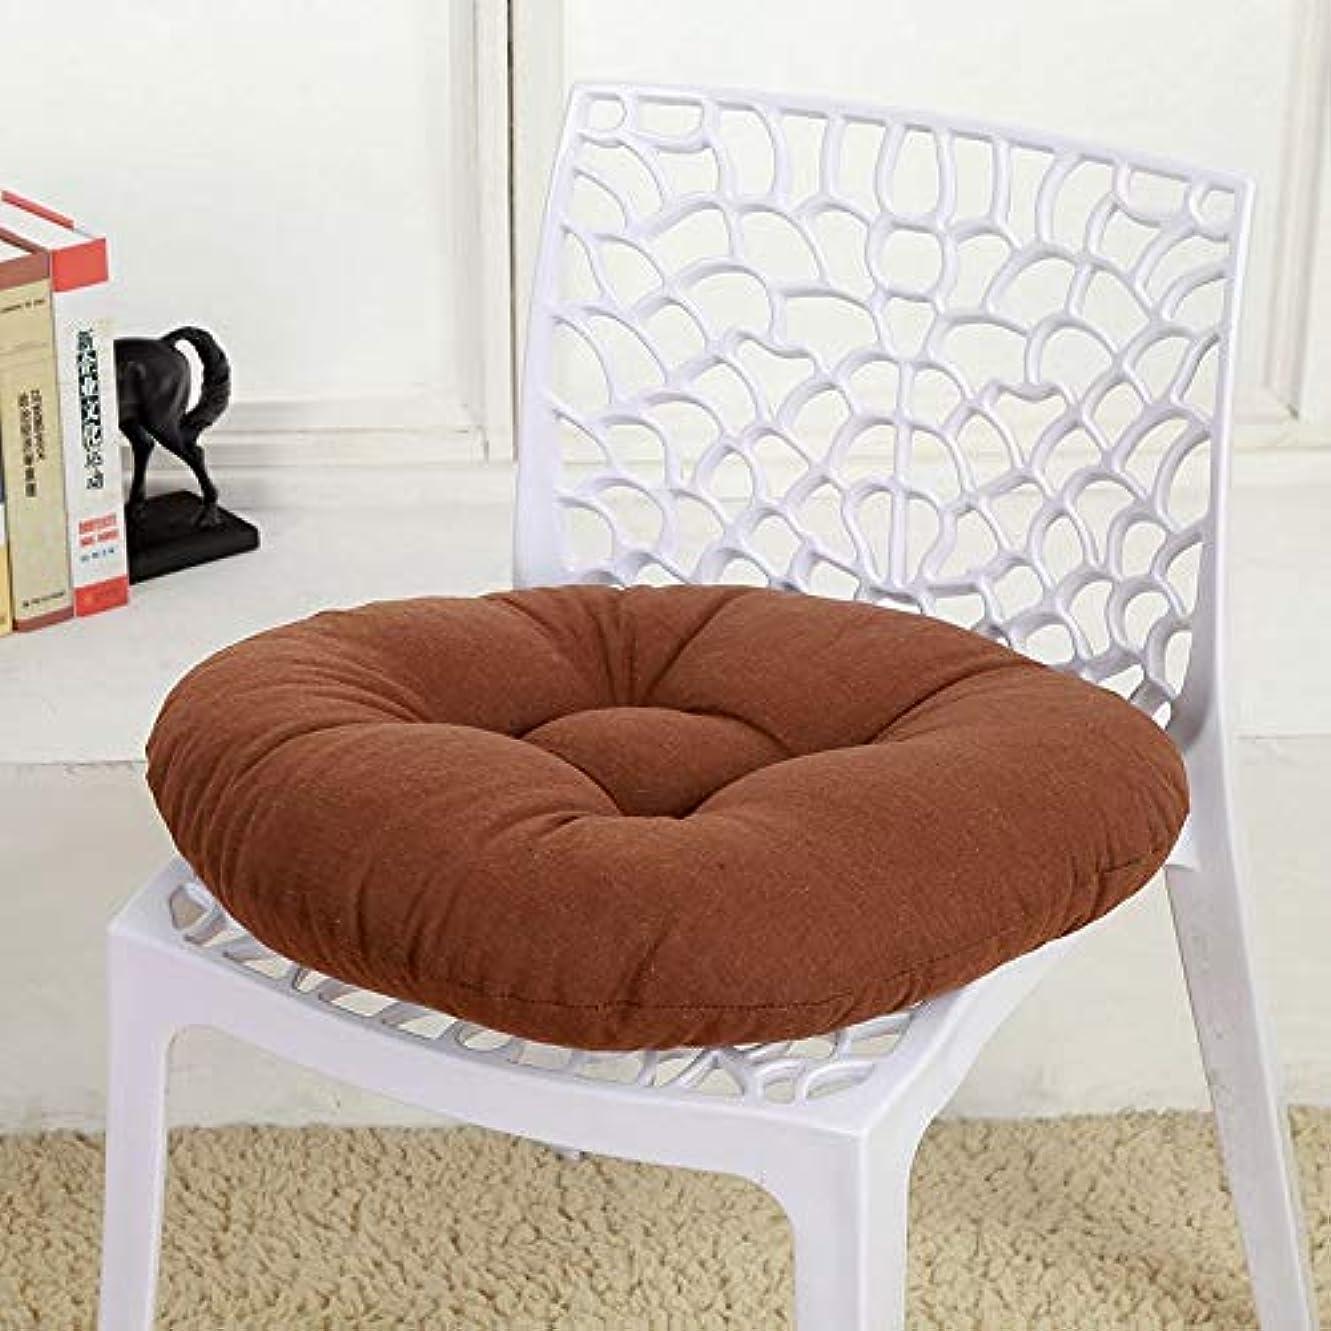 汚い礼儀疑いLIFE キャンディカラーのクッションラウンドシートクッション波ウィンドウシートクッションクッション家の装飾パッドラウンド枕シート枕椅子座る枕 クッション 椅子